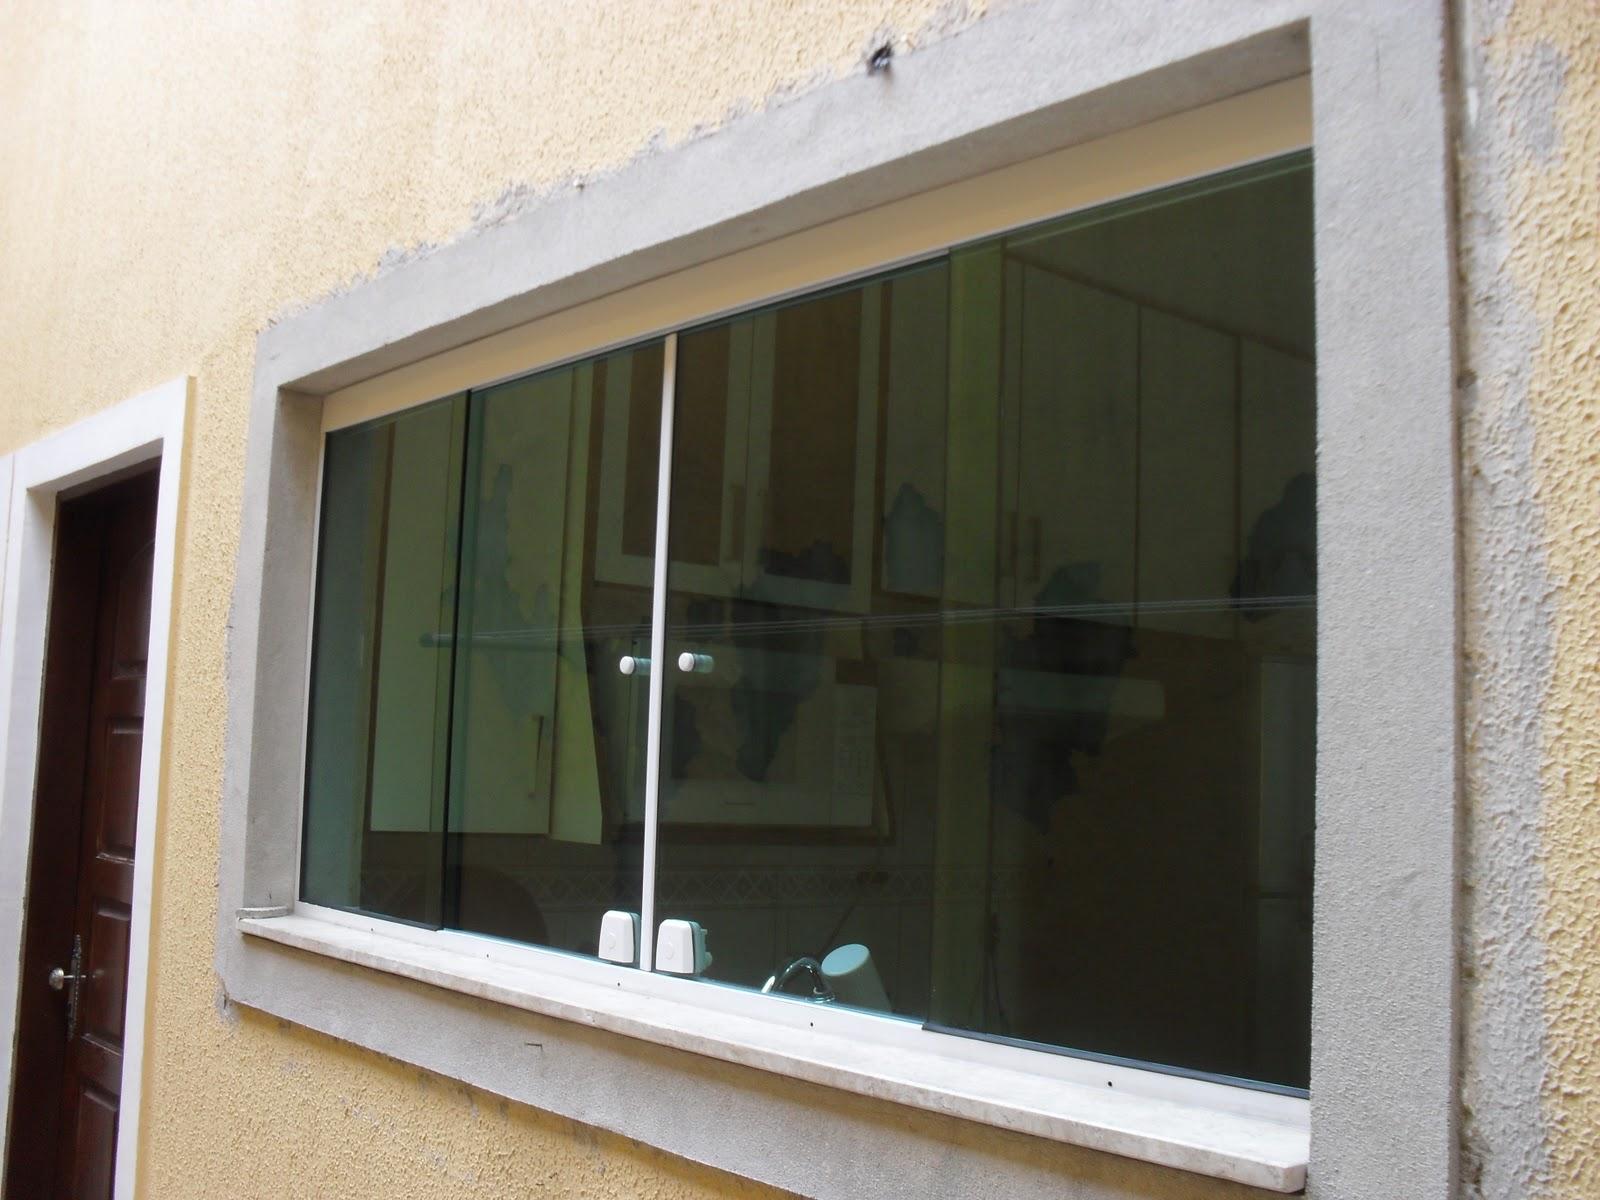 #856D46 Alumiglass Vidraçaria: Janelas em Vidro Temperado 334 Janelas De Vidro Temperado No Rs